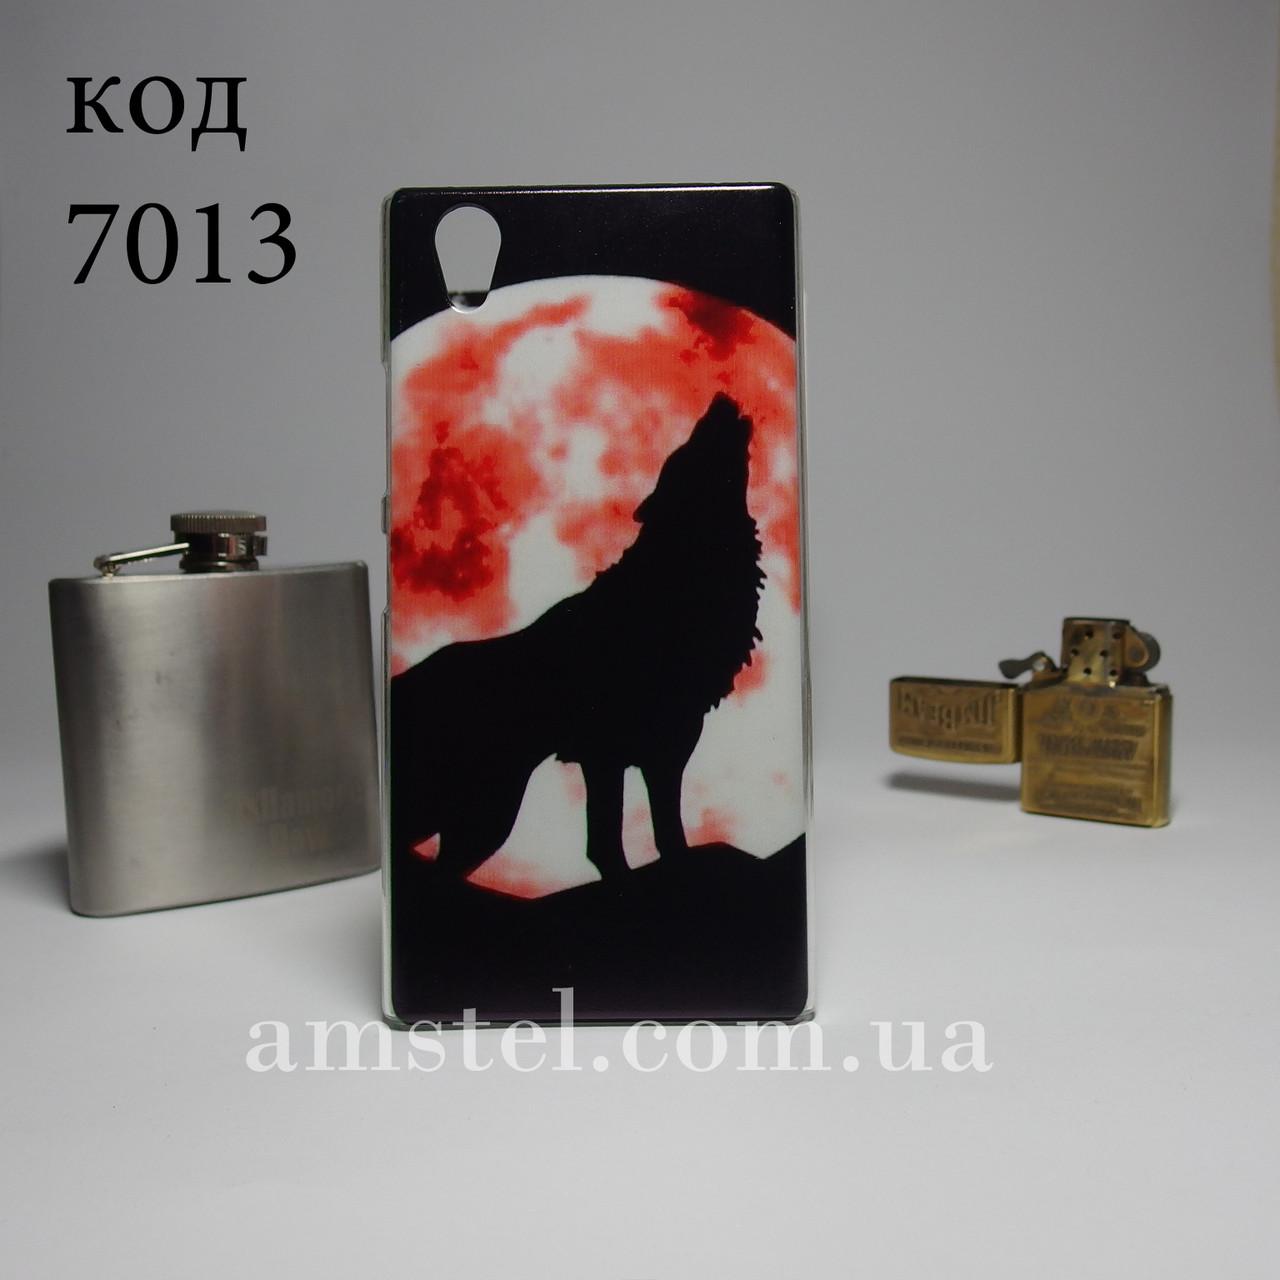 Чехол для lenovo p70 панель накладка с рисунком волк